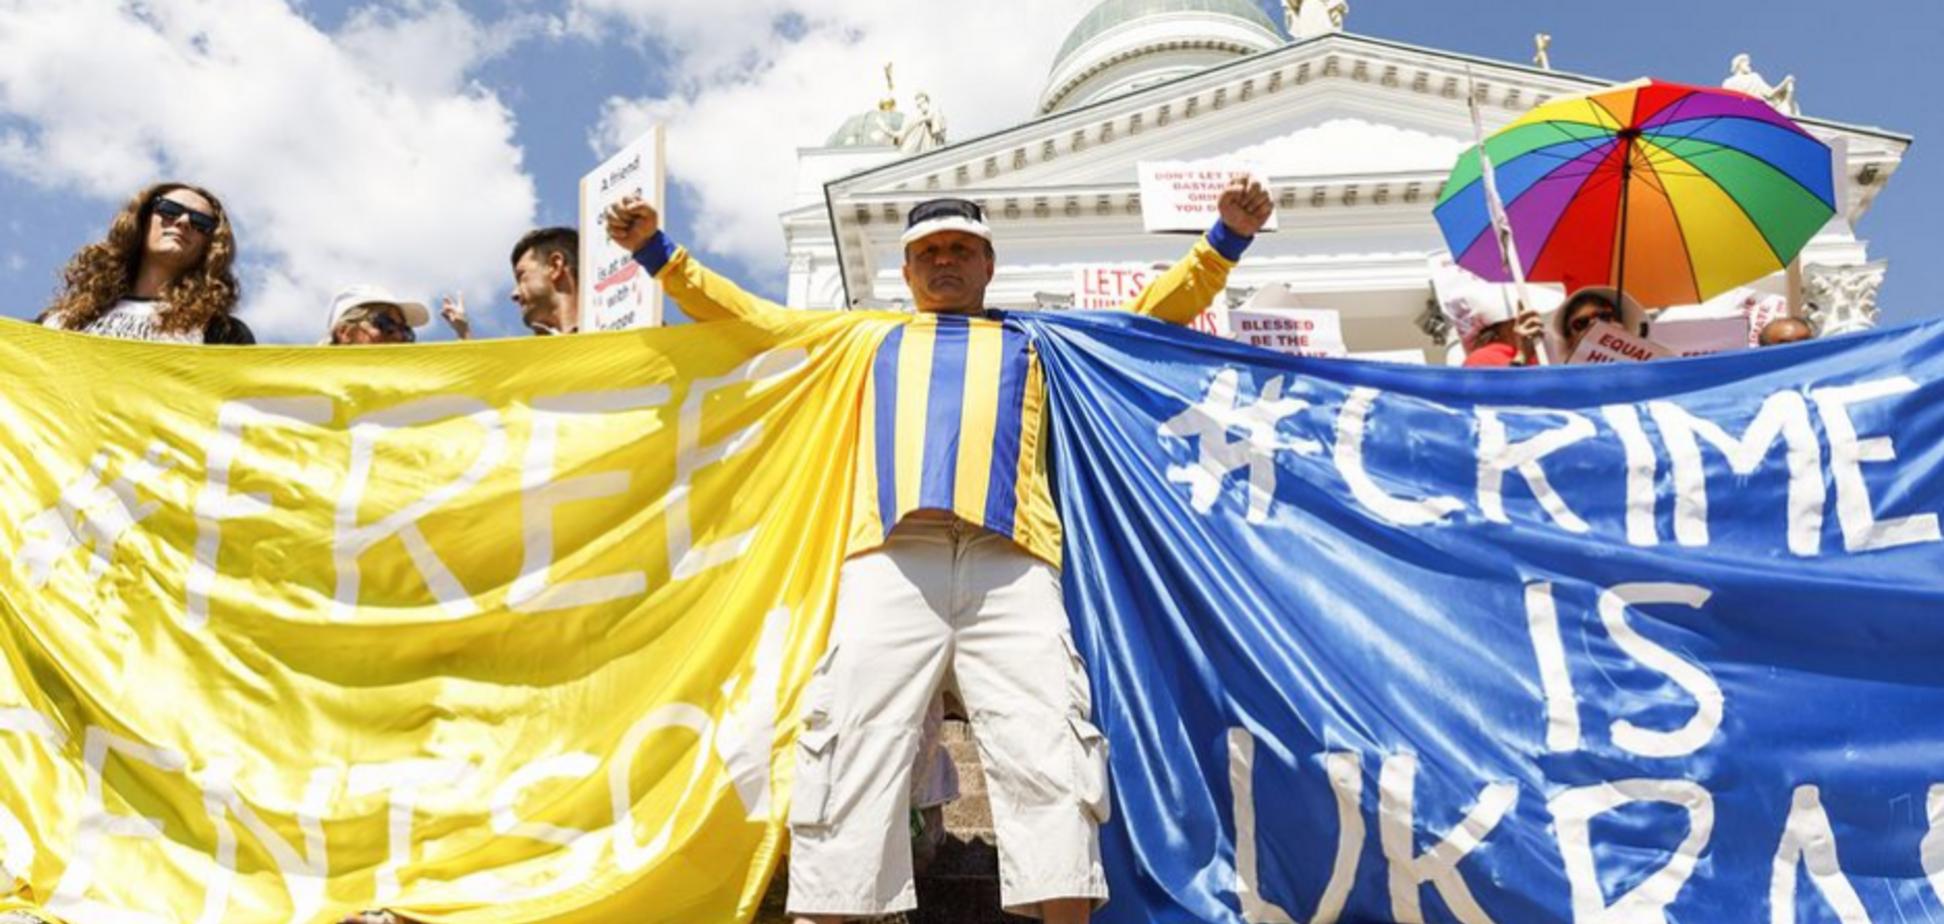 'Слава Україні!' У Гельсінкі спалахнули протести через зустріч Трампа з Путіним